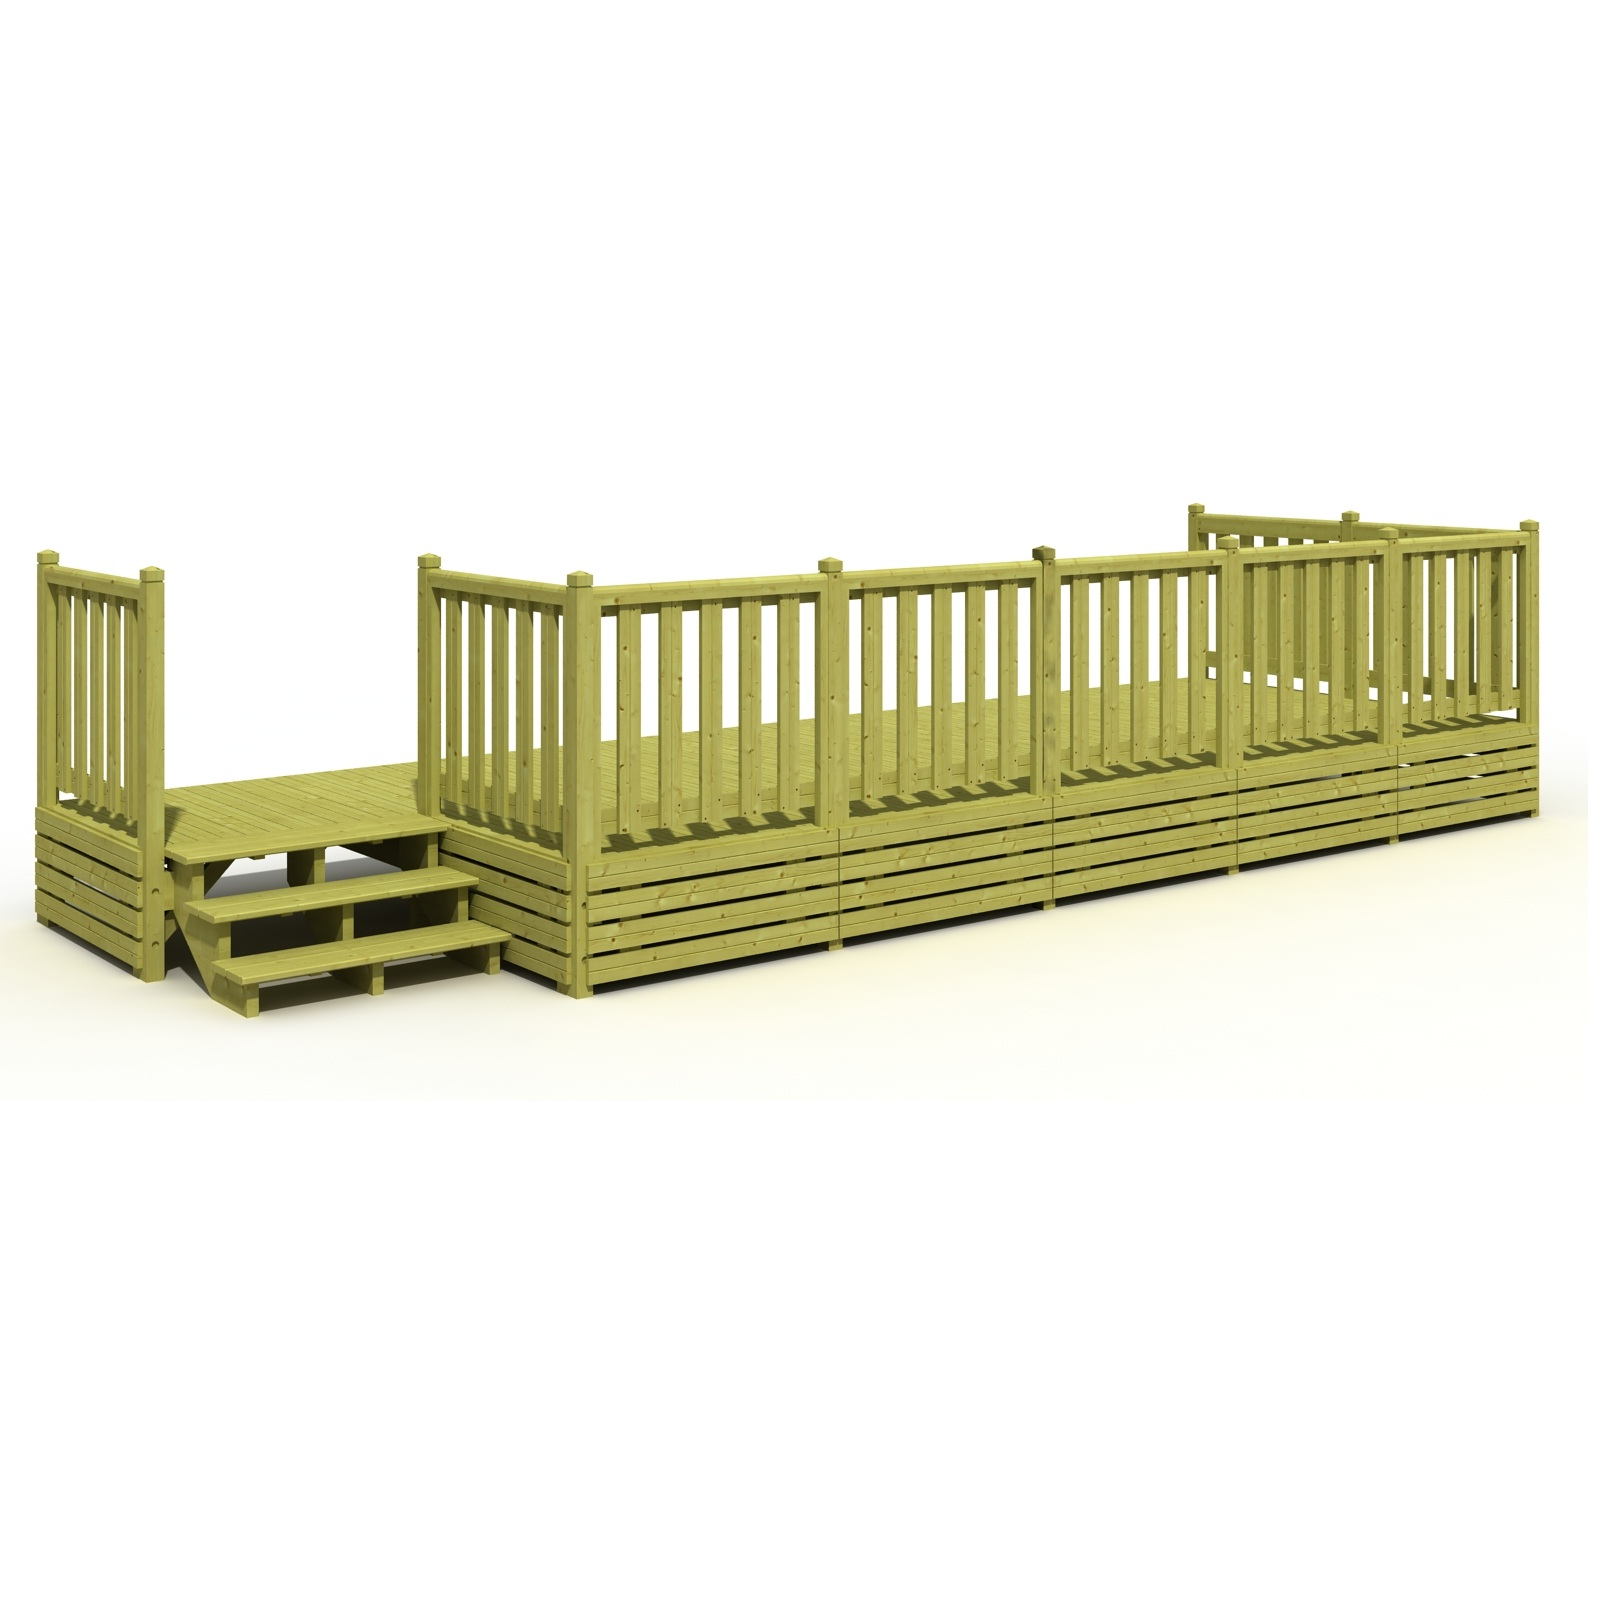 Nivrem com = Terrasse Bois Occasion Pour Mobil Home ~ Diverses idées de conception de patio en  # Terrasse Bois Mobil Home Occasion